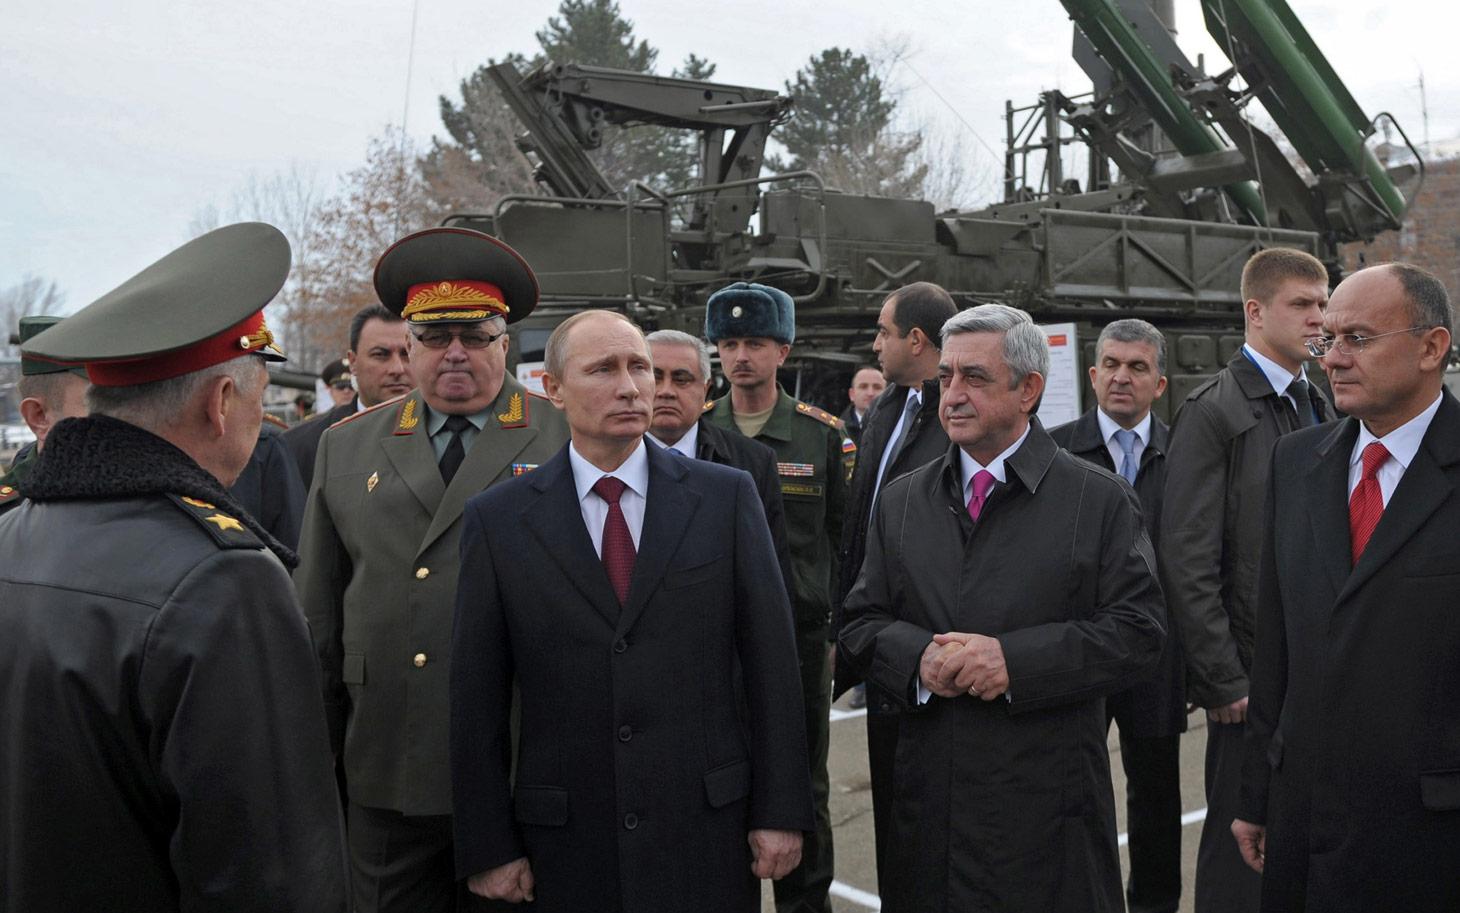 Đánh IS, Nga gây choáng ngợp về sức mạnh quân sự - 5